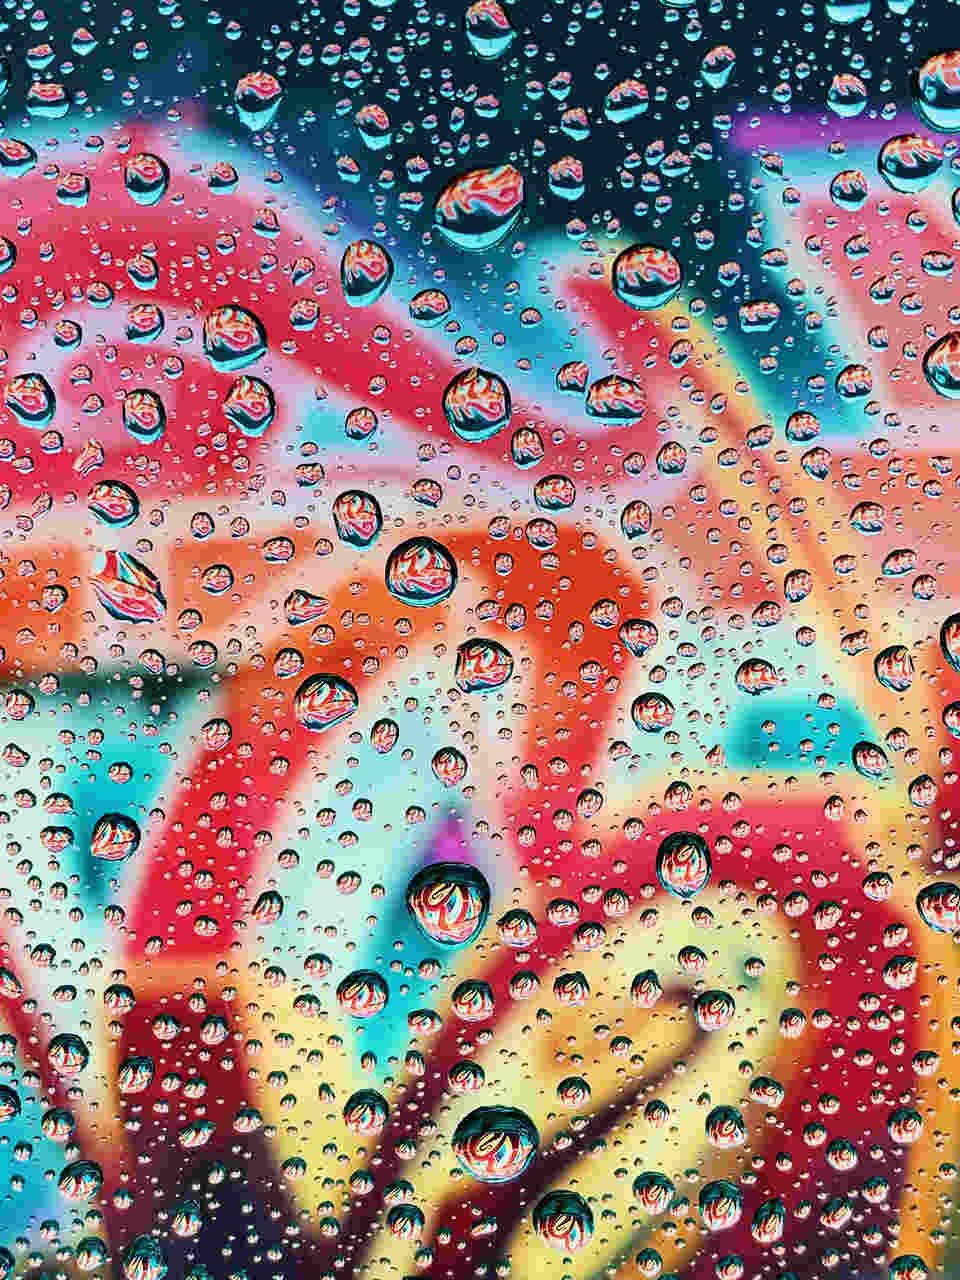 Gotas de água num vidro com fundo colorido de grafiti. Foto de Andrew Griswold Apple